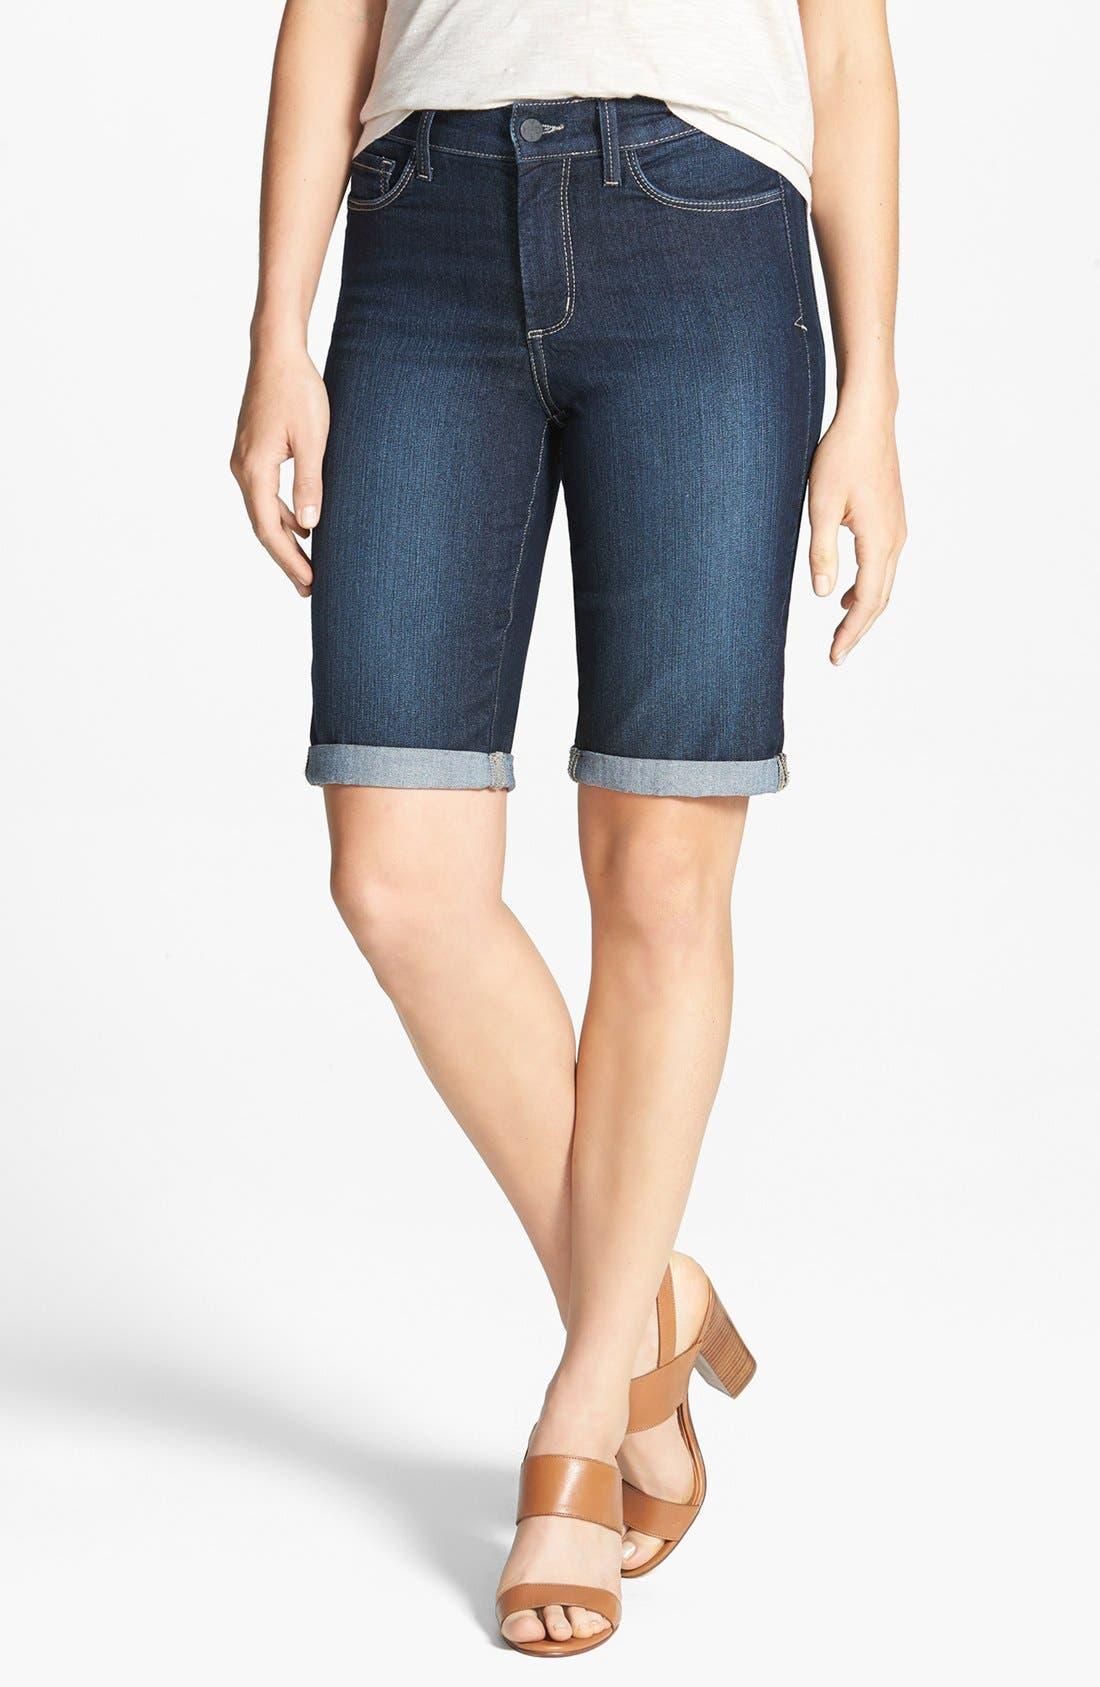 Alternate Image 1 Selected - NYDJ 'Briella' Cuff Stretch Denim Shorts (Regular & Petite)